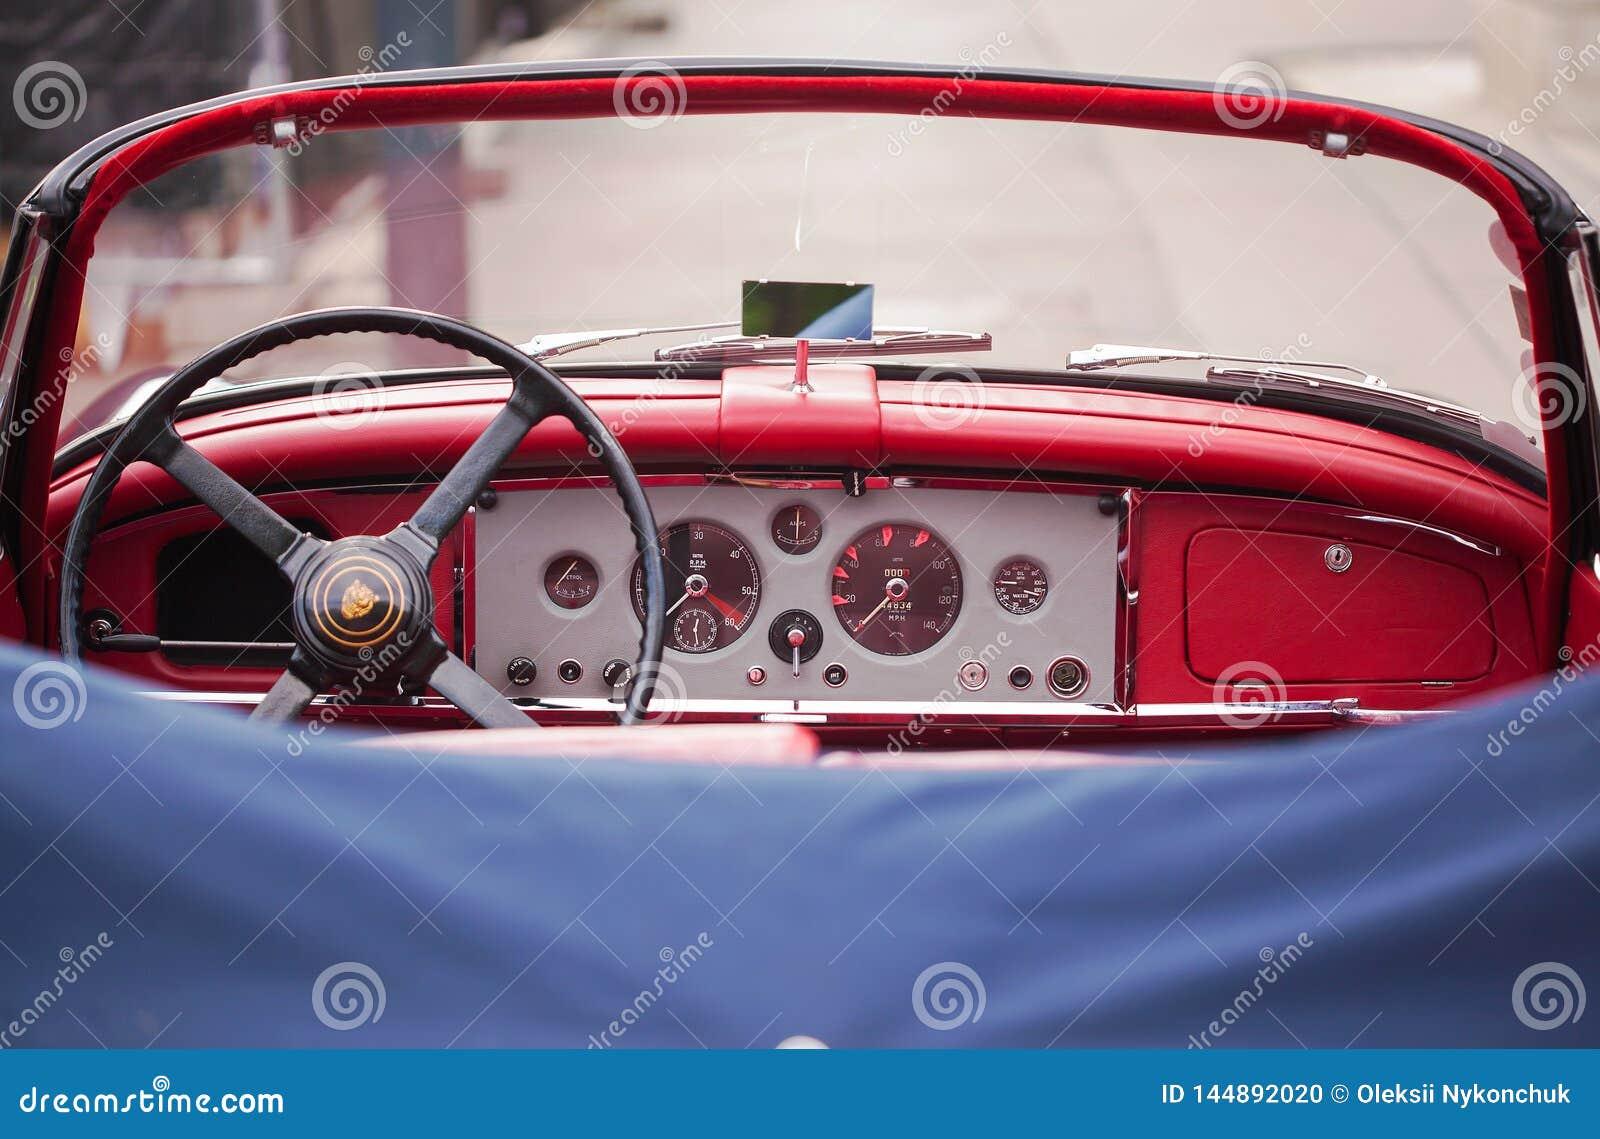 Viena, Austria - 6 de junio de 2018: Interior del coche retro rojo